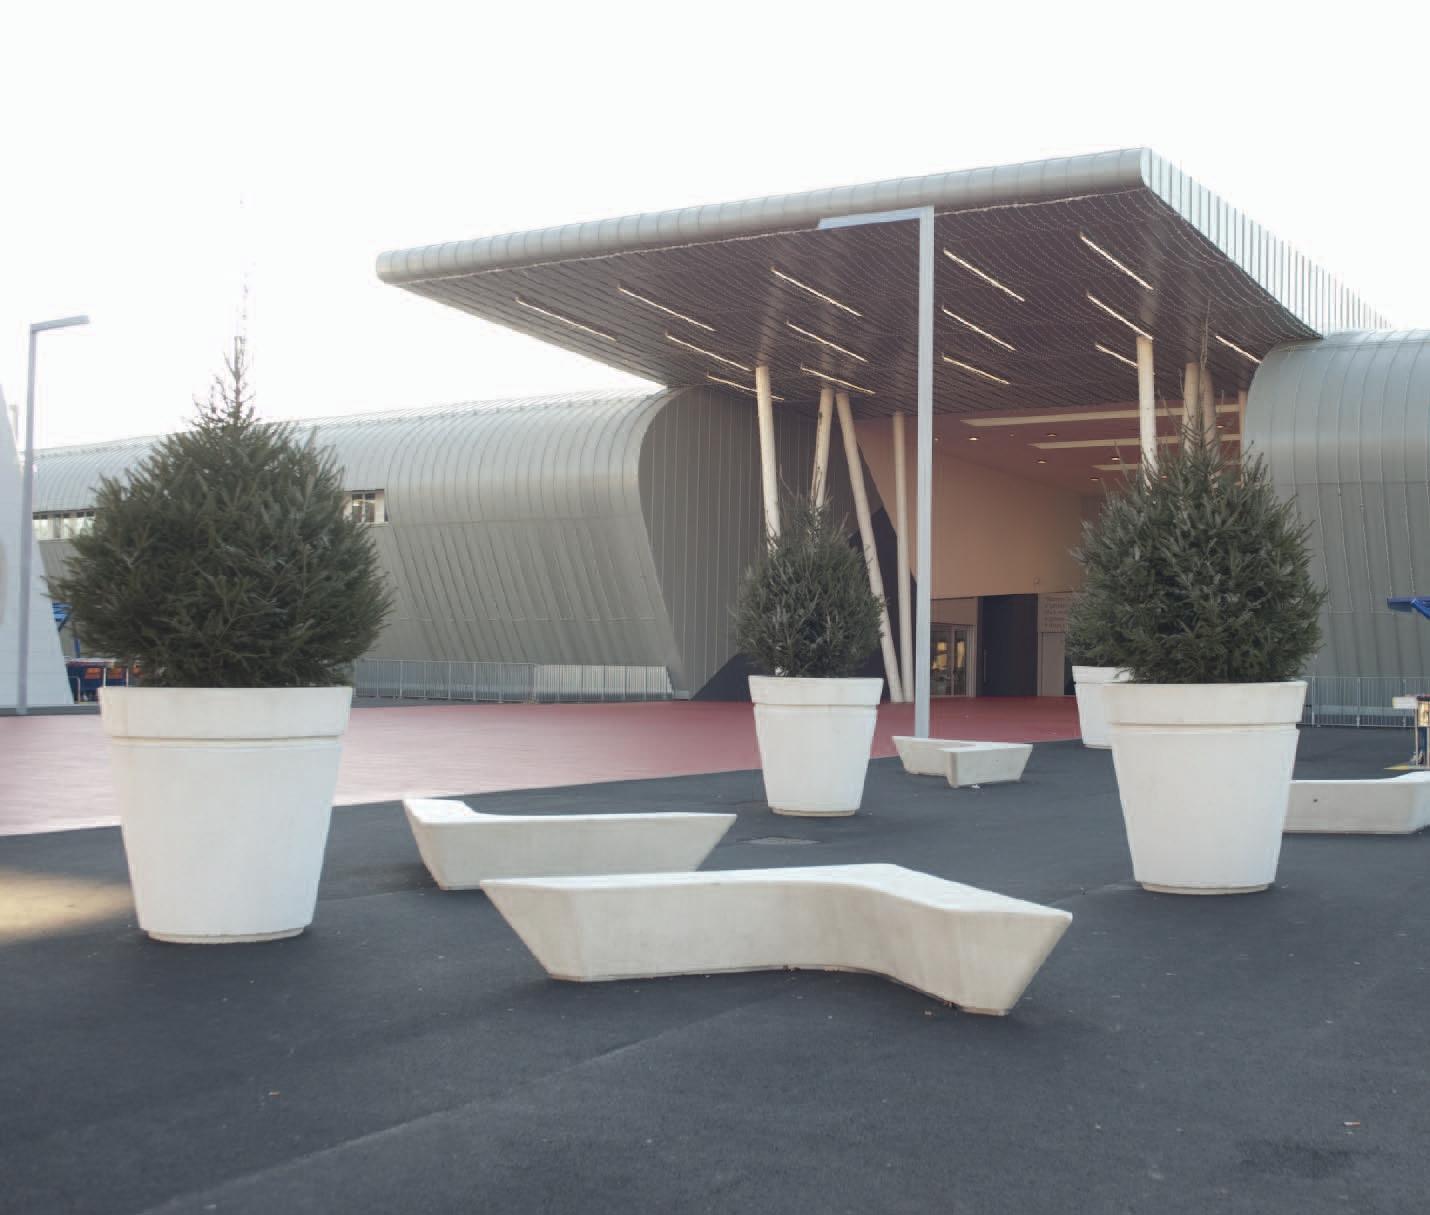 105vasocls - vaso | Fima Arredo, arredo urbano Reggio Emilia, arredo ...